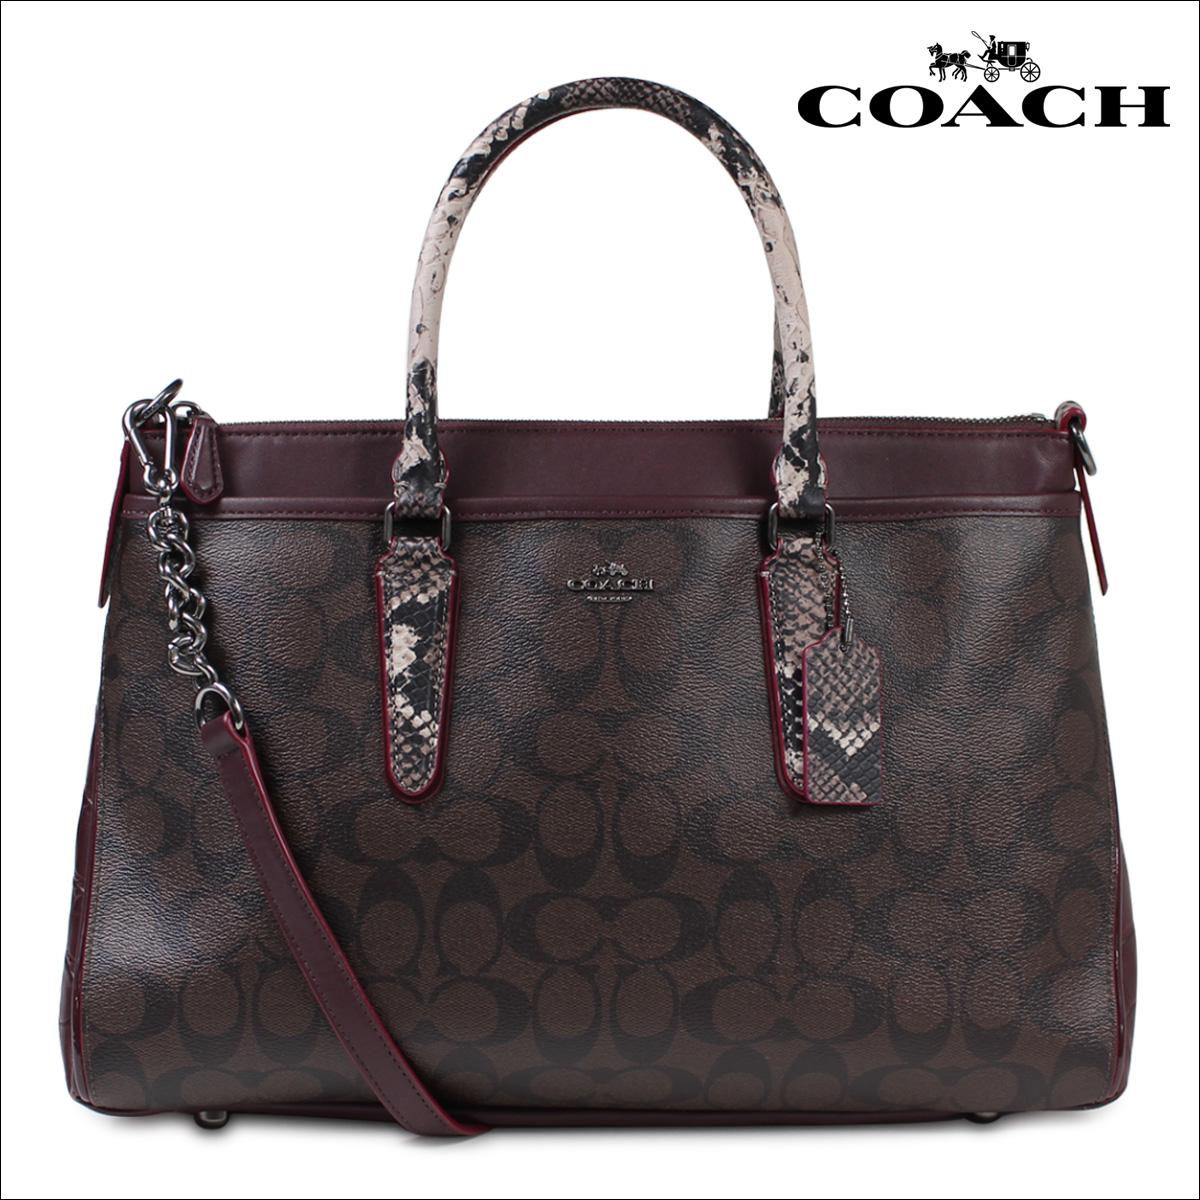 教练教练手提包袋挎包妇女也 F38413 布朗 x (红色) [11 / 8 新股票]